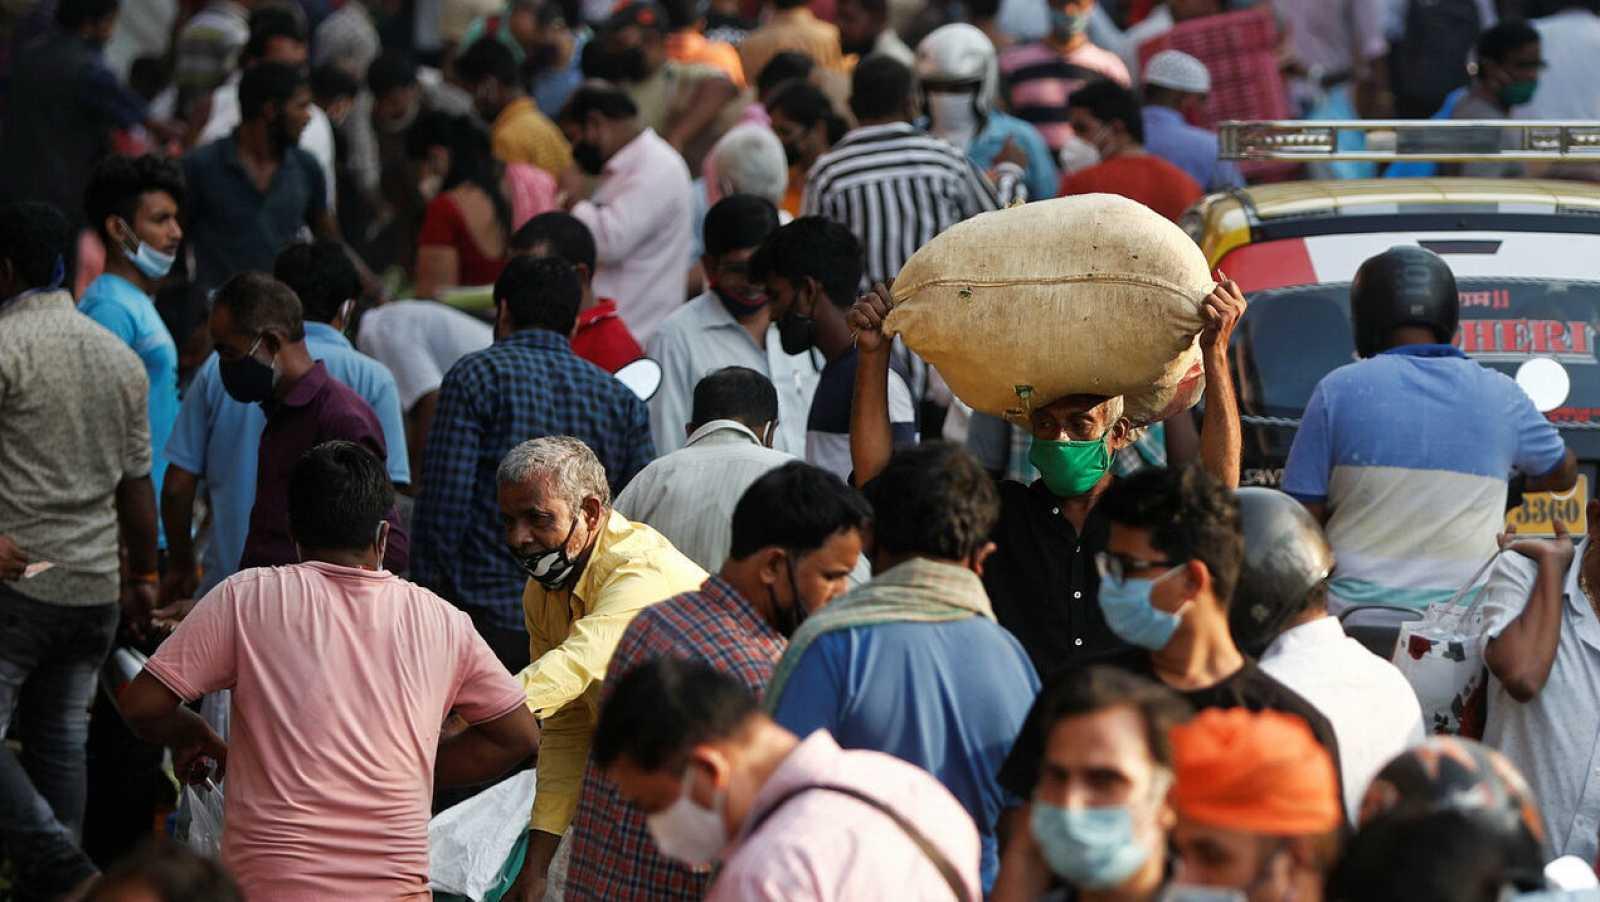 Personas en un mercado abarrotado en Mumbai, India, el 29 de octubre de 2020.